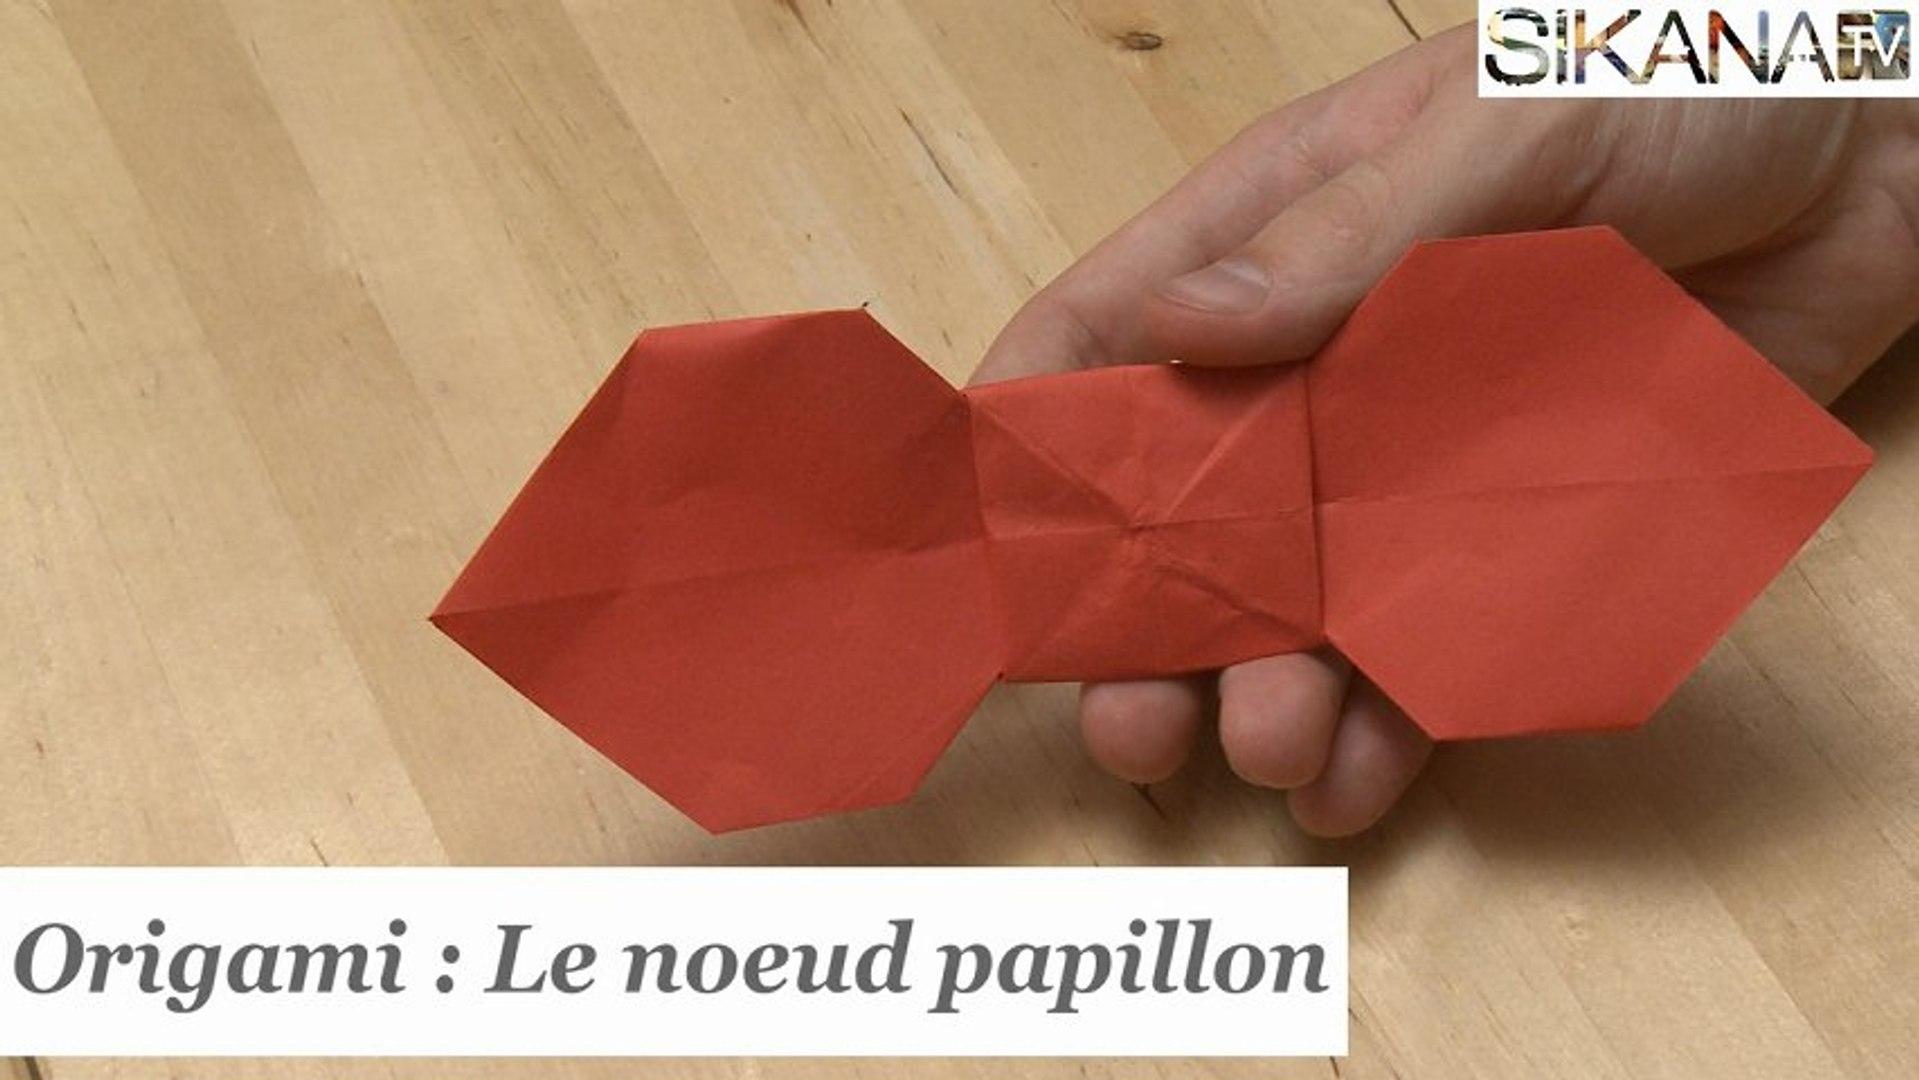 spécial chaussure qualité supérieure codes promo Origami : Comment faire un noeud papillon en papier ? - HD